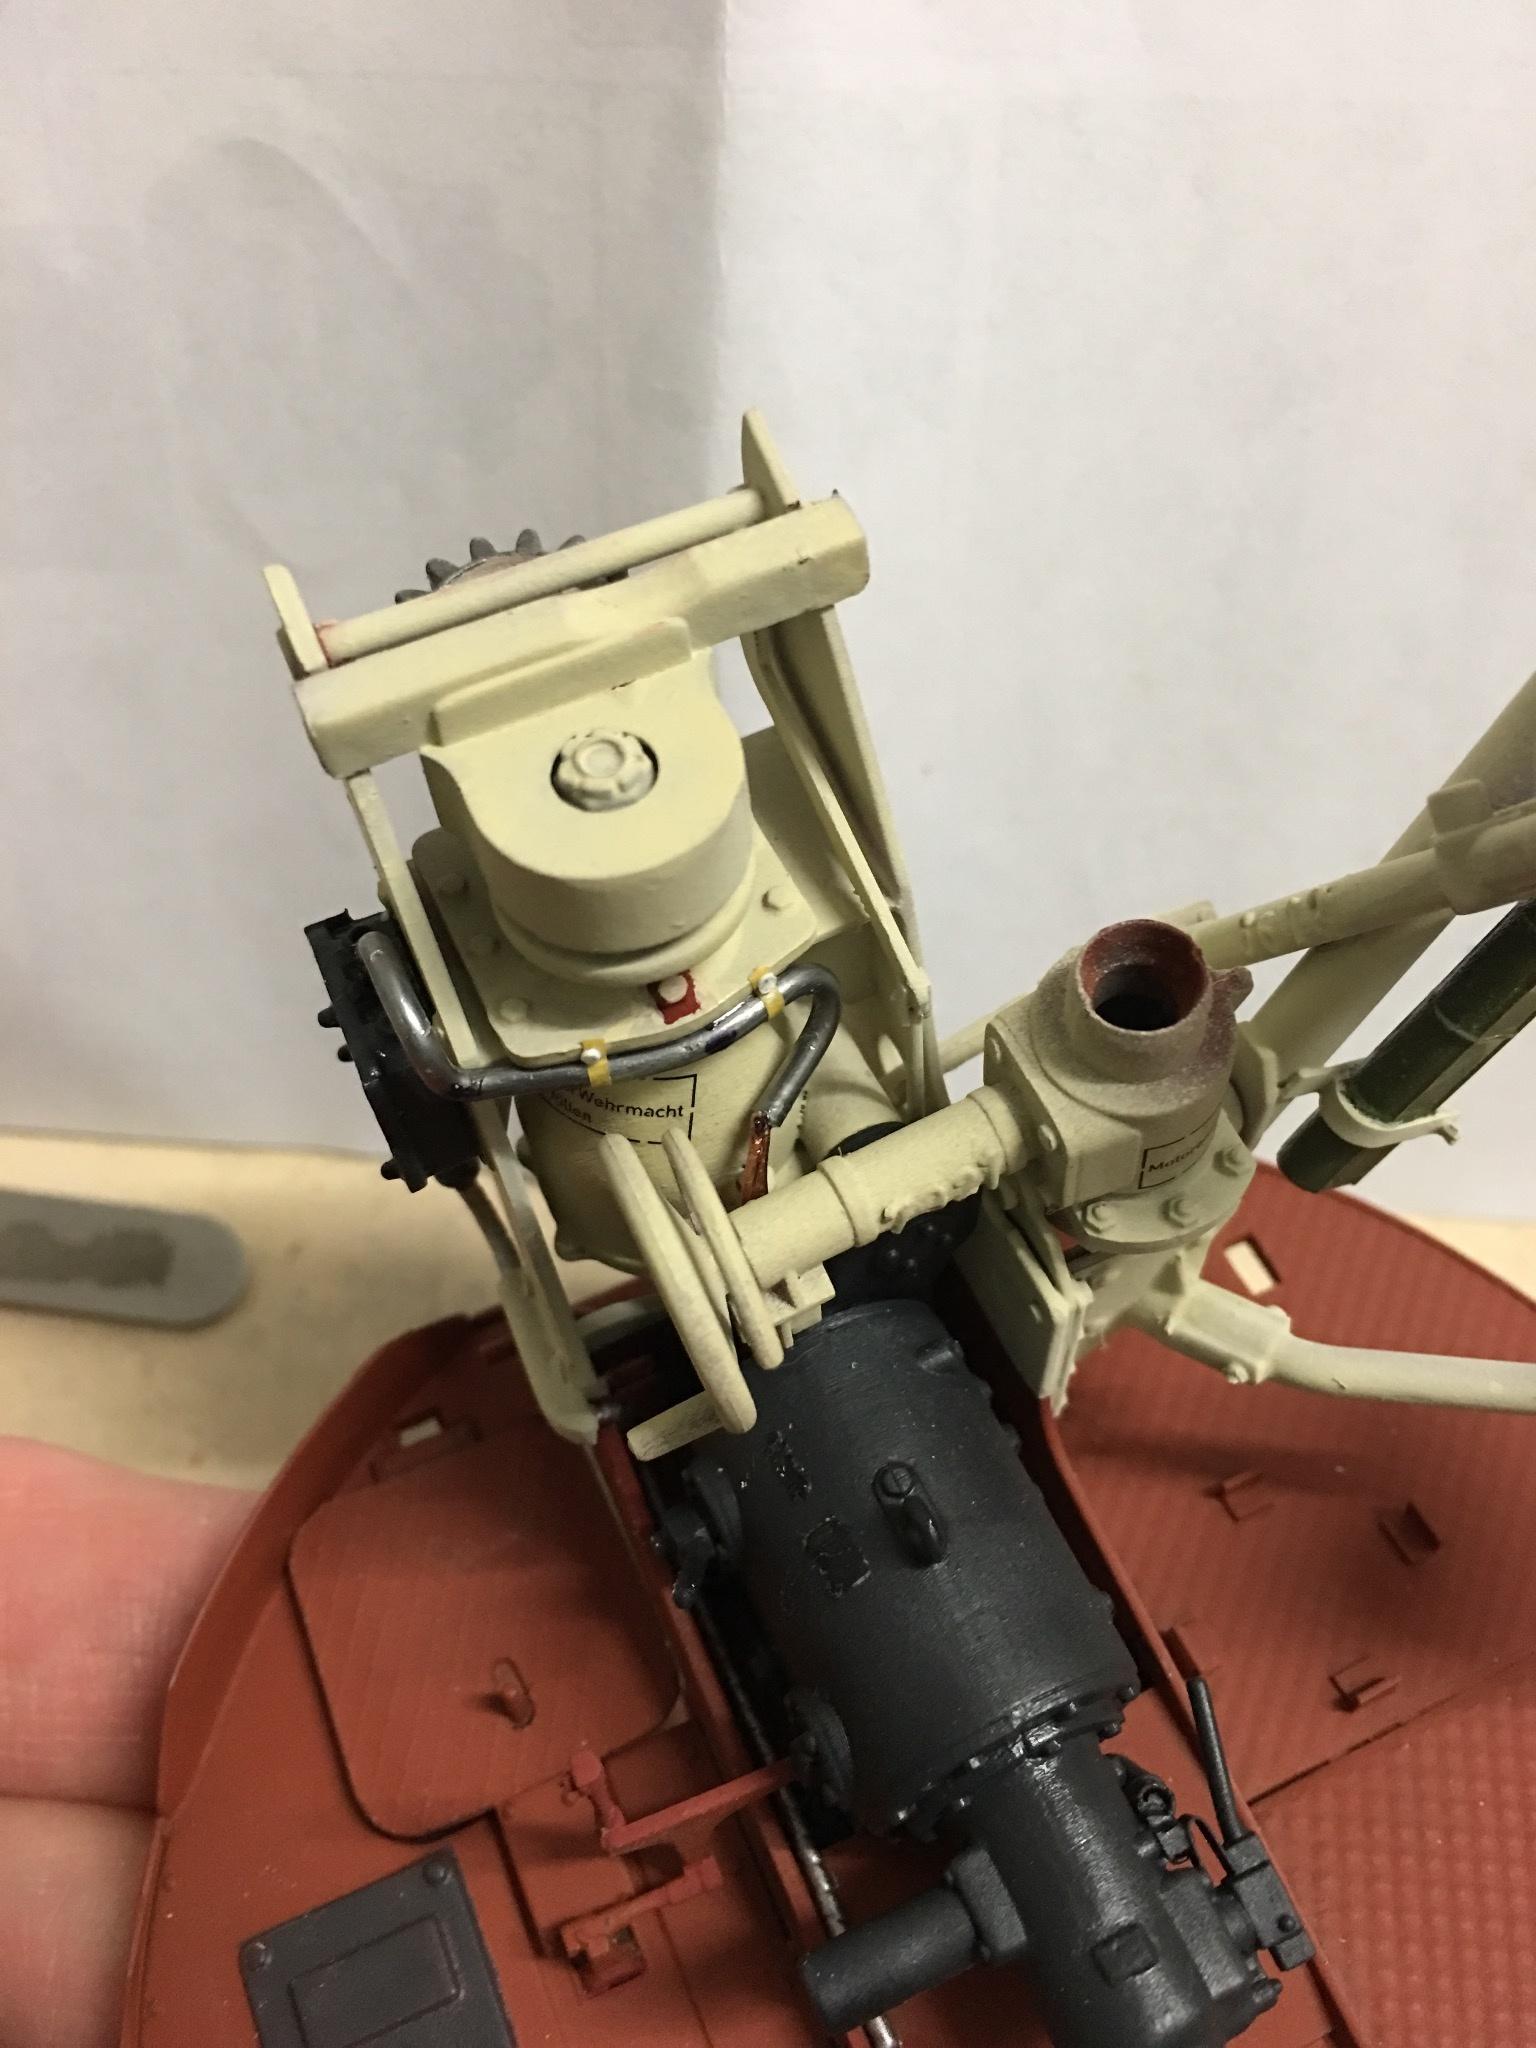 D9A1D796-F97F-4A5D-90BA-B25A16C44D77.jpeg